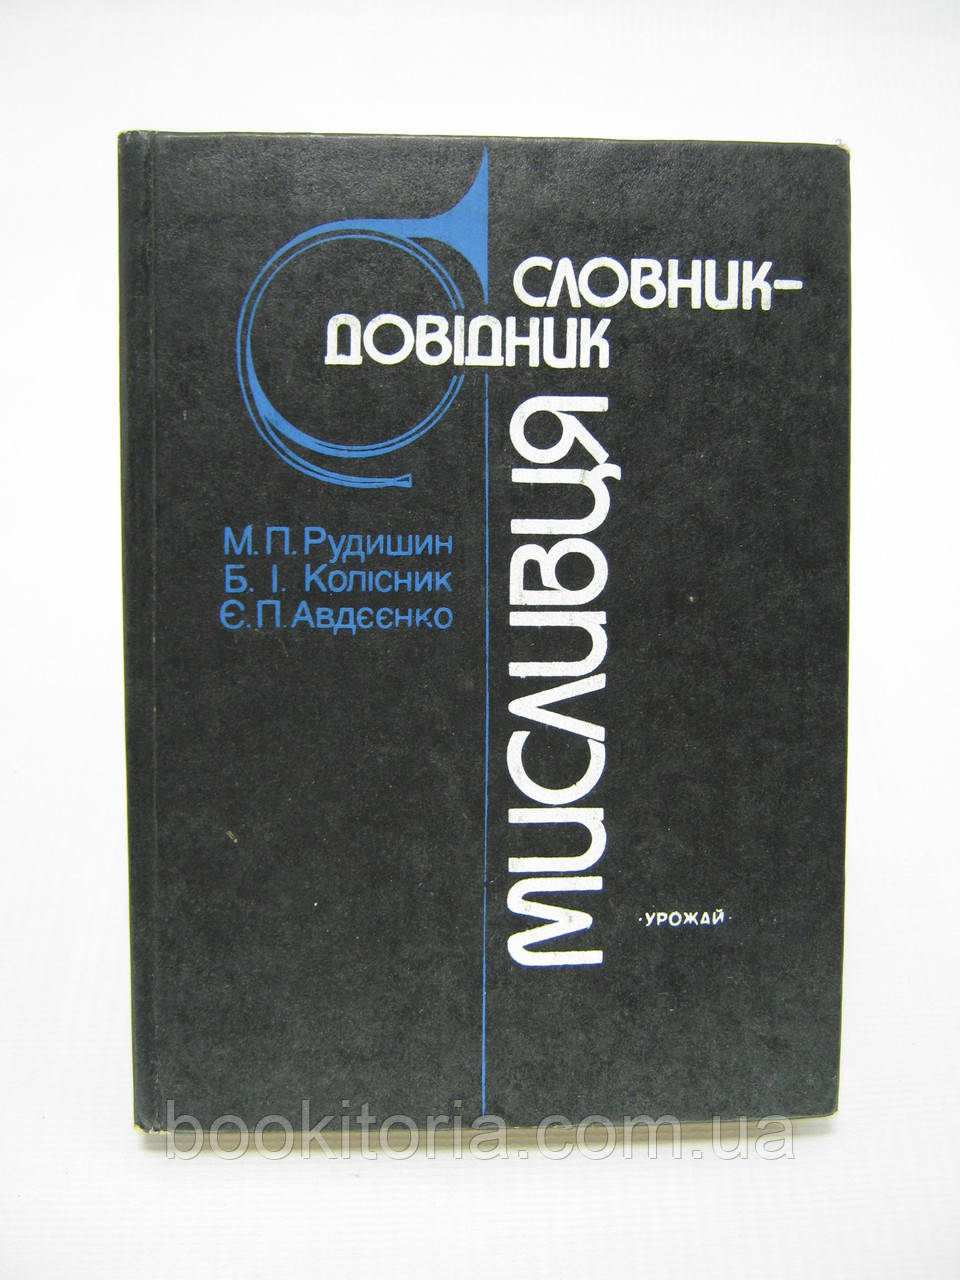 Рудишин М.П. та ін. Словник-довідник мисливця (б/у).